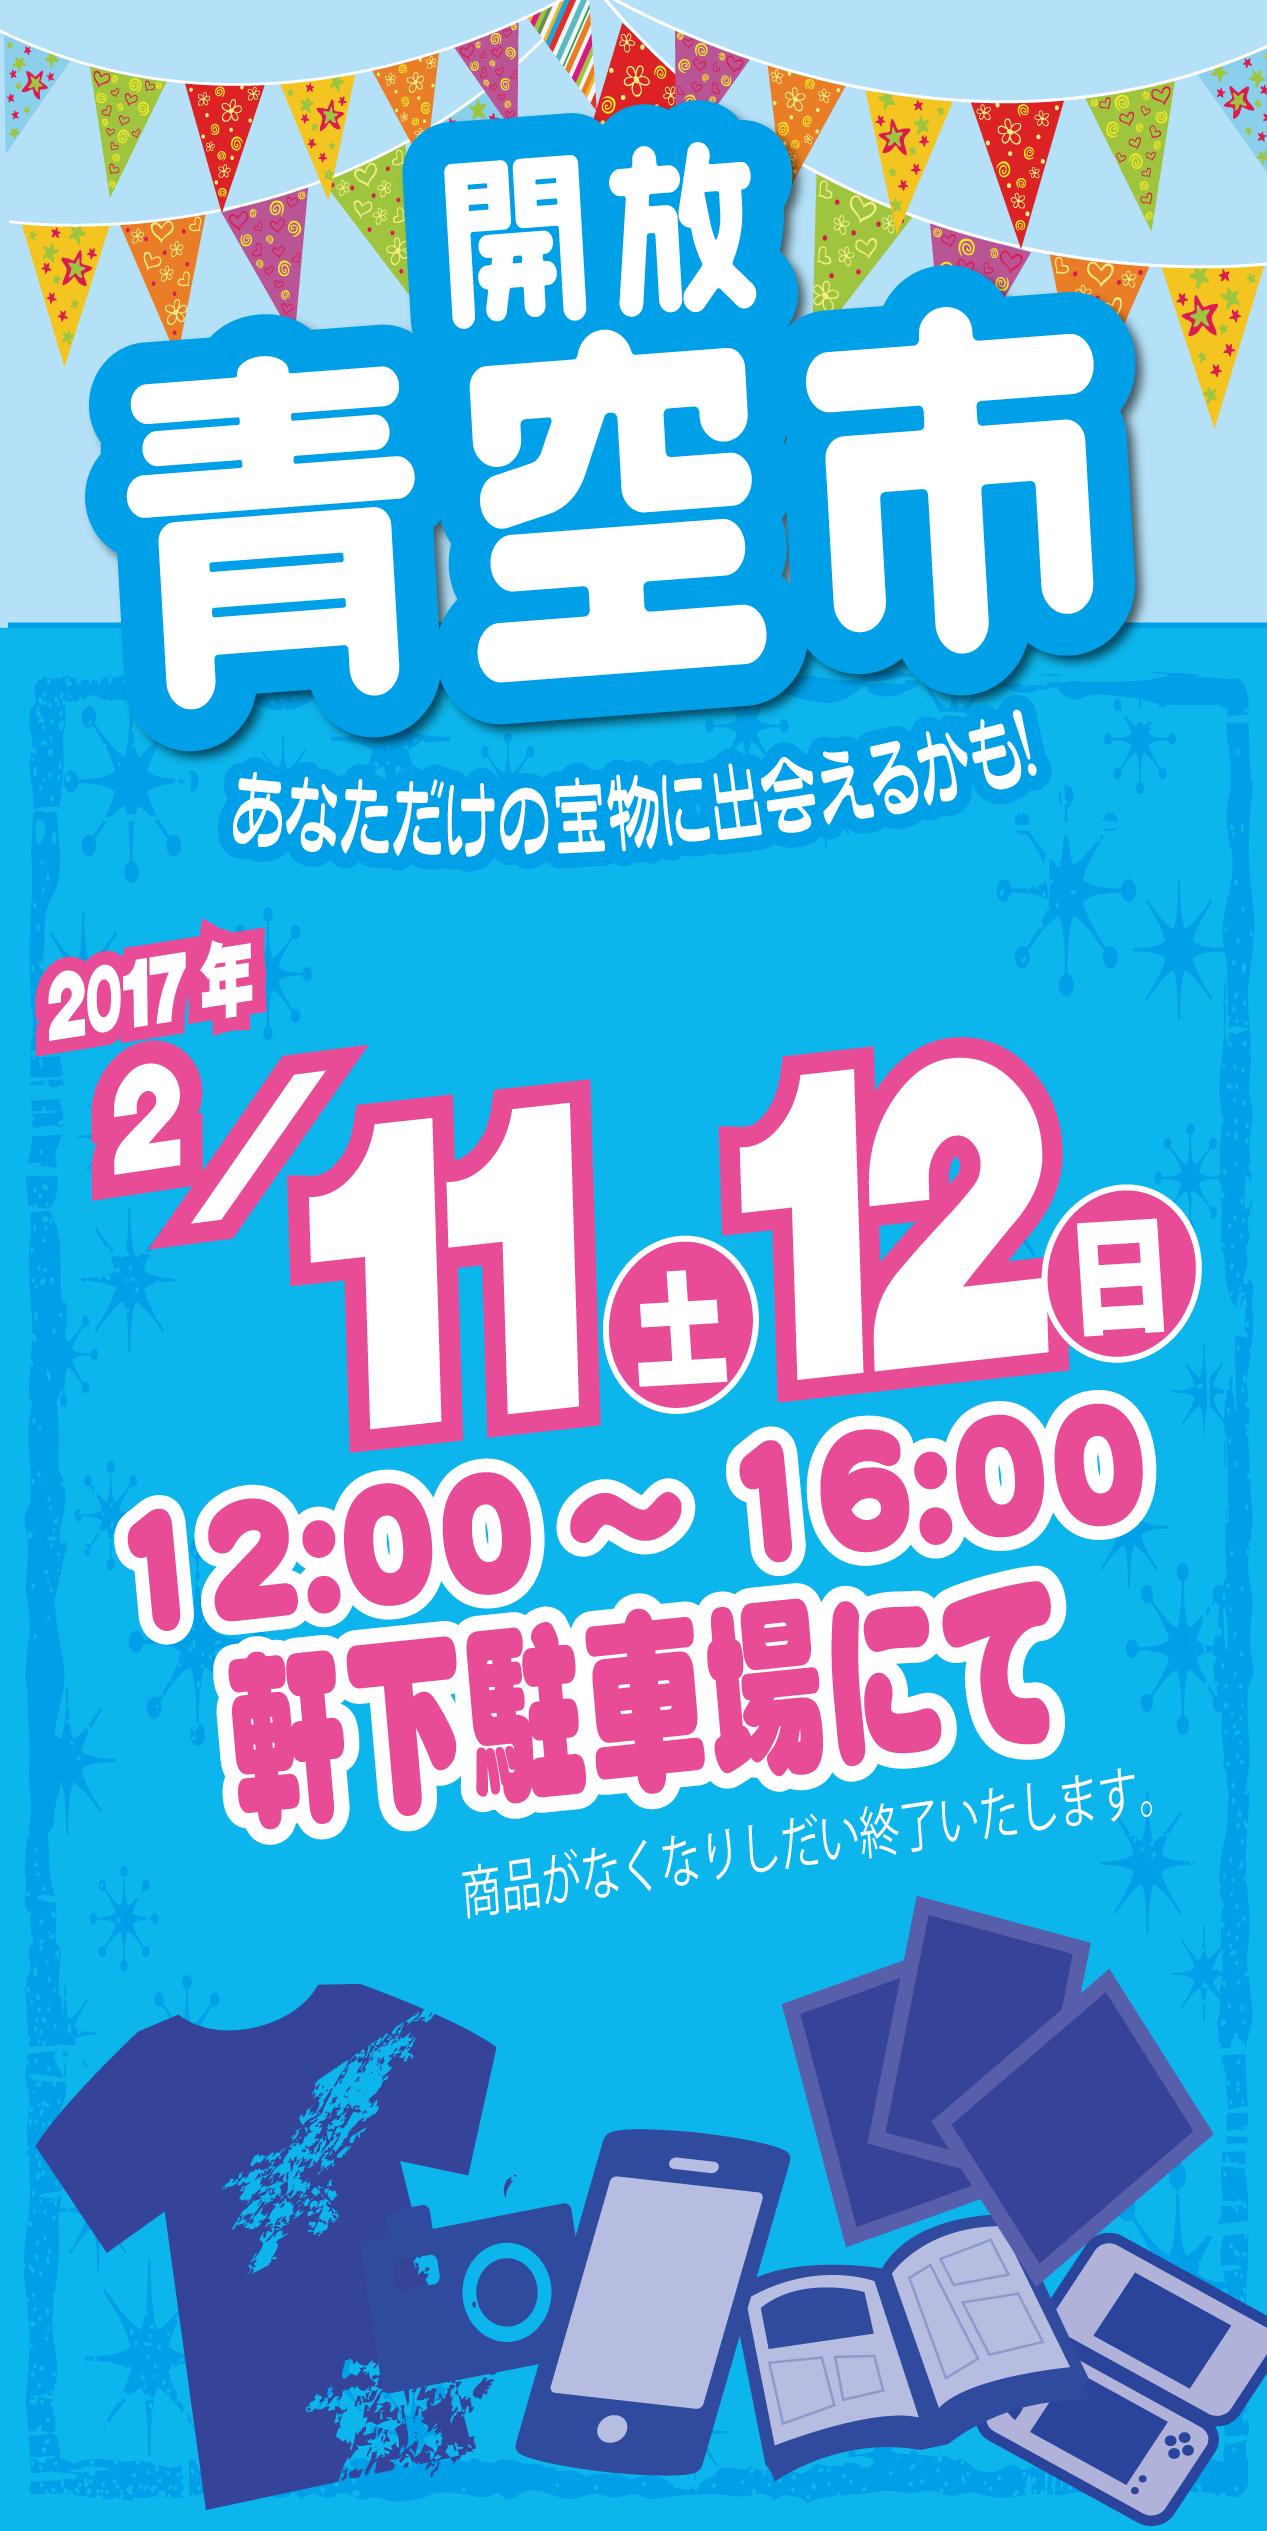 「開放倉庫福山店」2017年2月11日(土)、12日(日)の2日間限定!開放青空市開催!